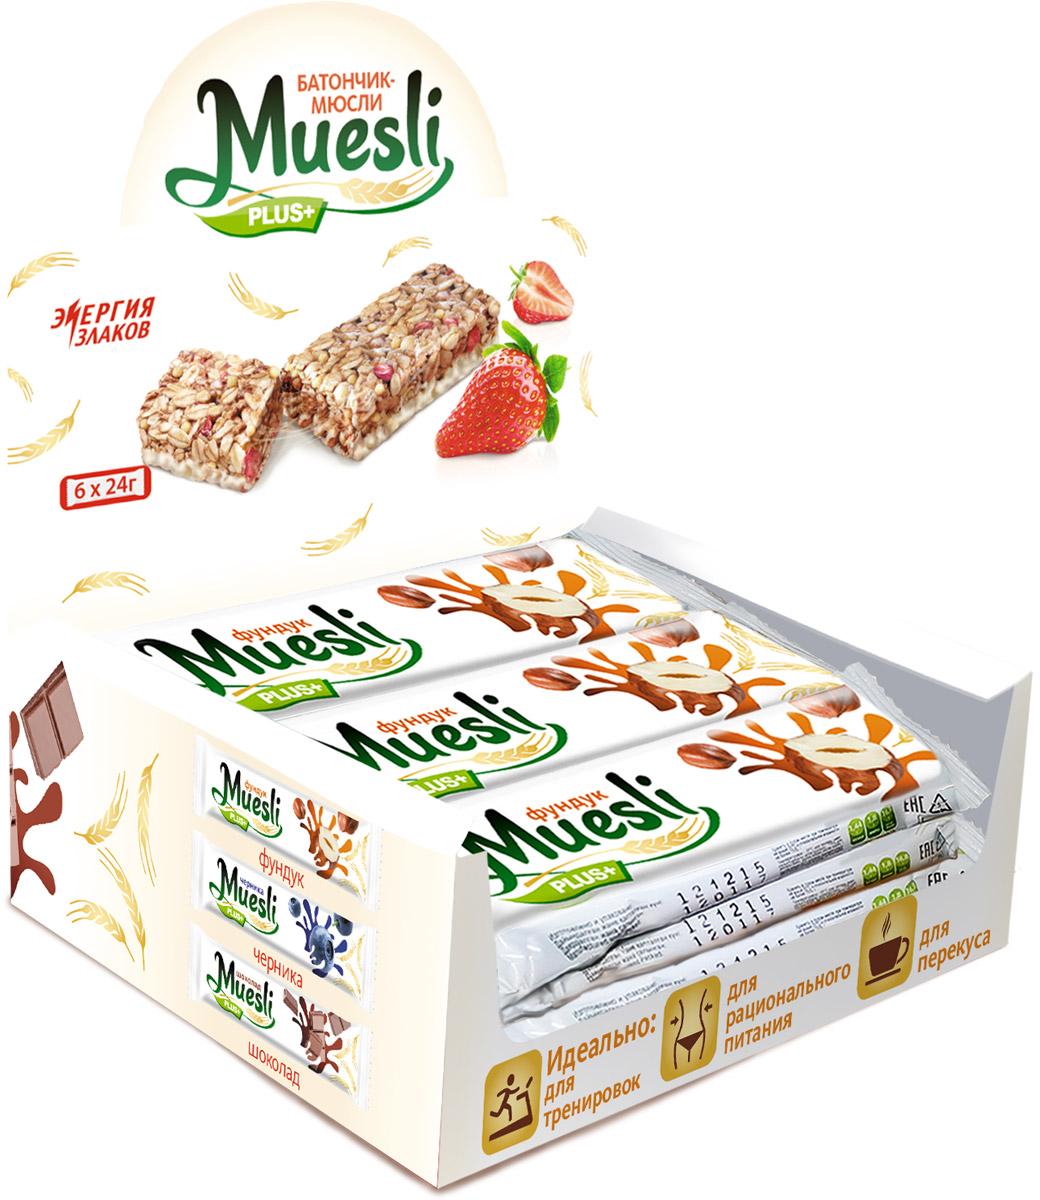 Matti Muesli Plus батончик мюсли ореховый микс, 6 шт по 24 г цена в Москве и Питере